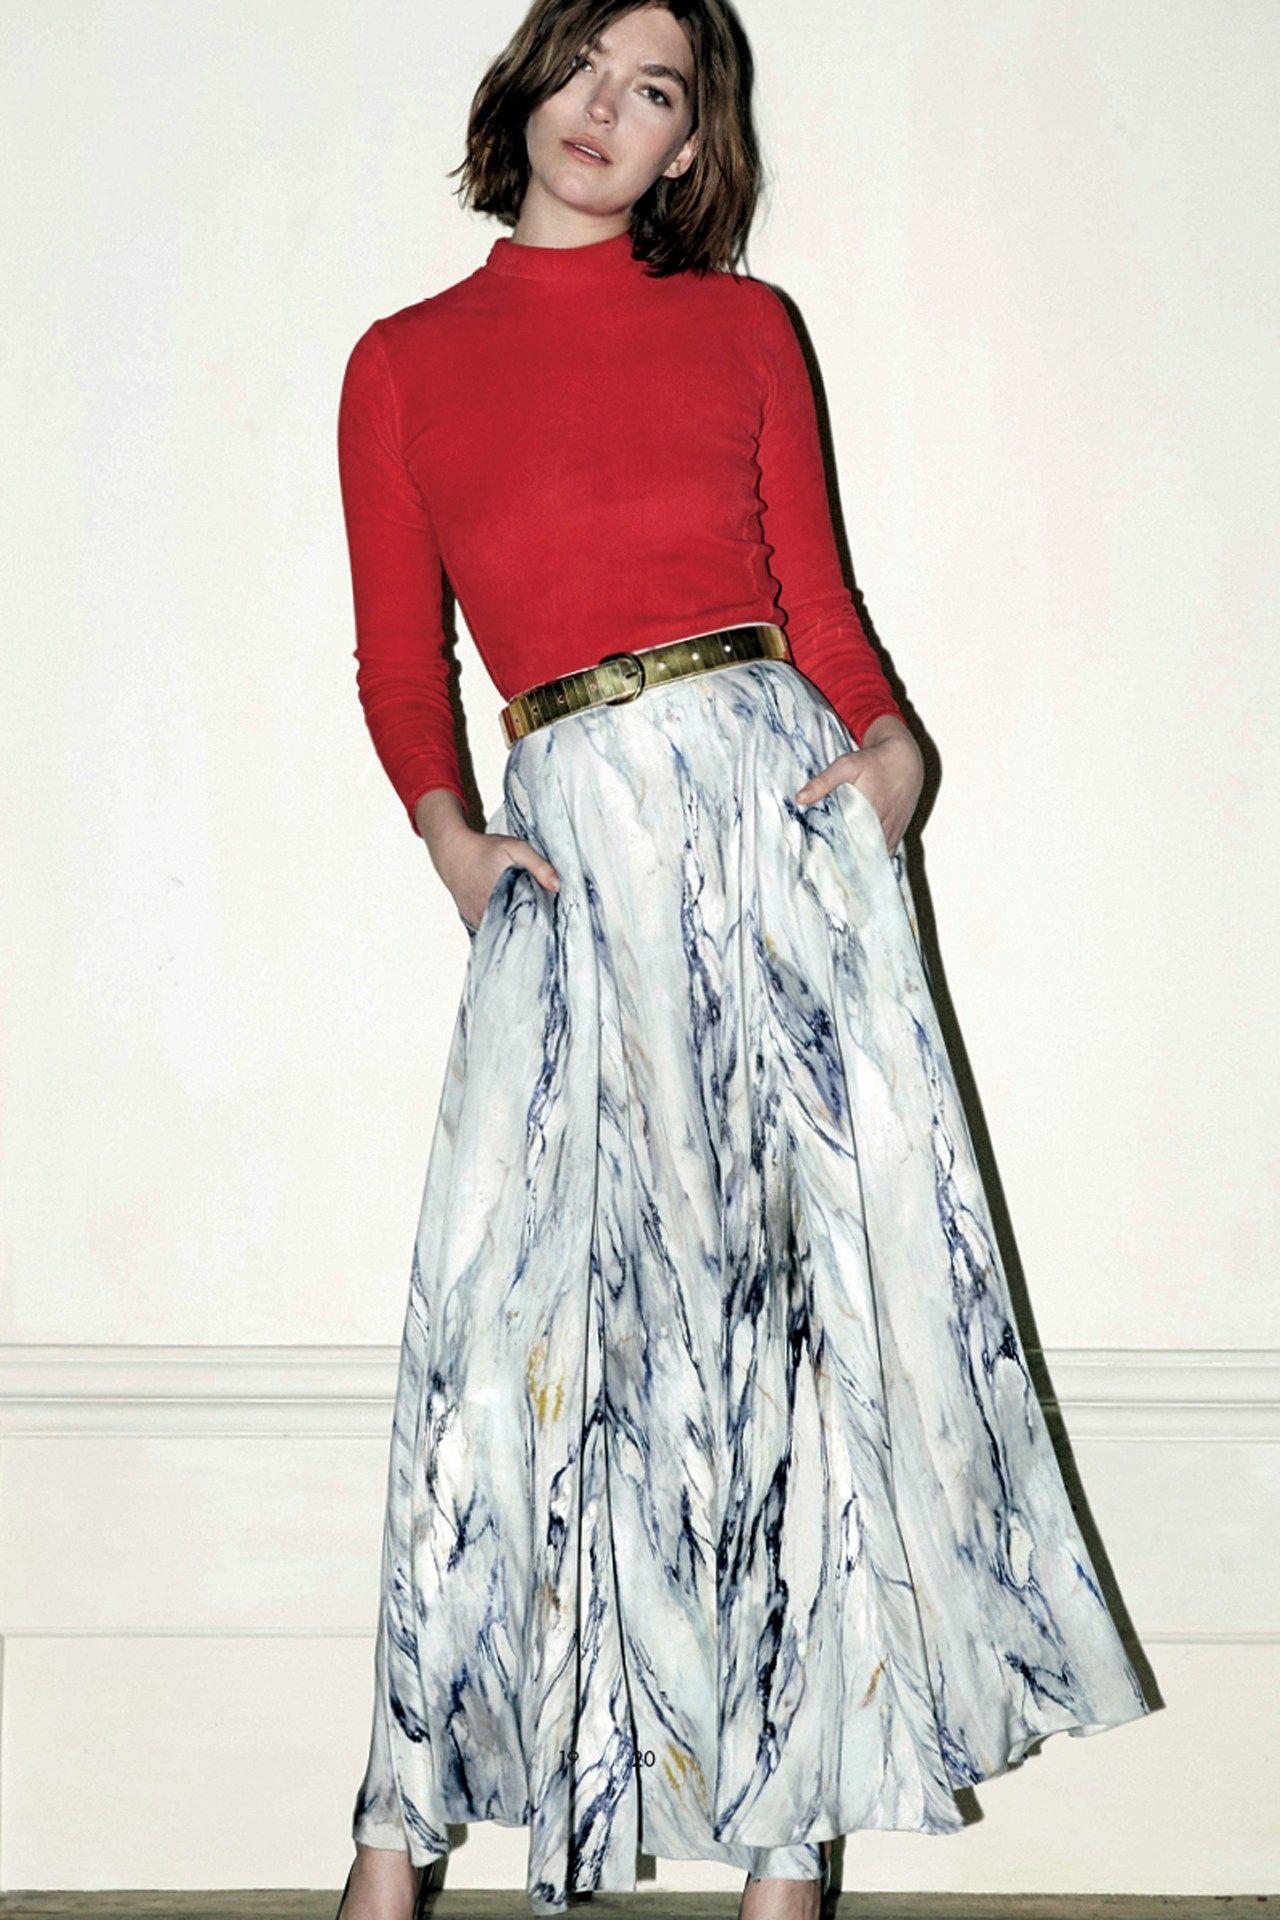 White marble print full maxi skirt, red long sleeve blouse, gold belt. Trager Delaney, 2013.